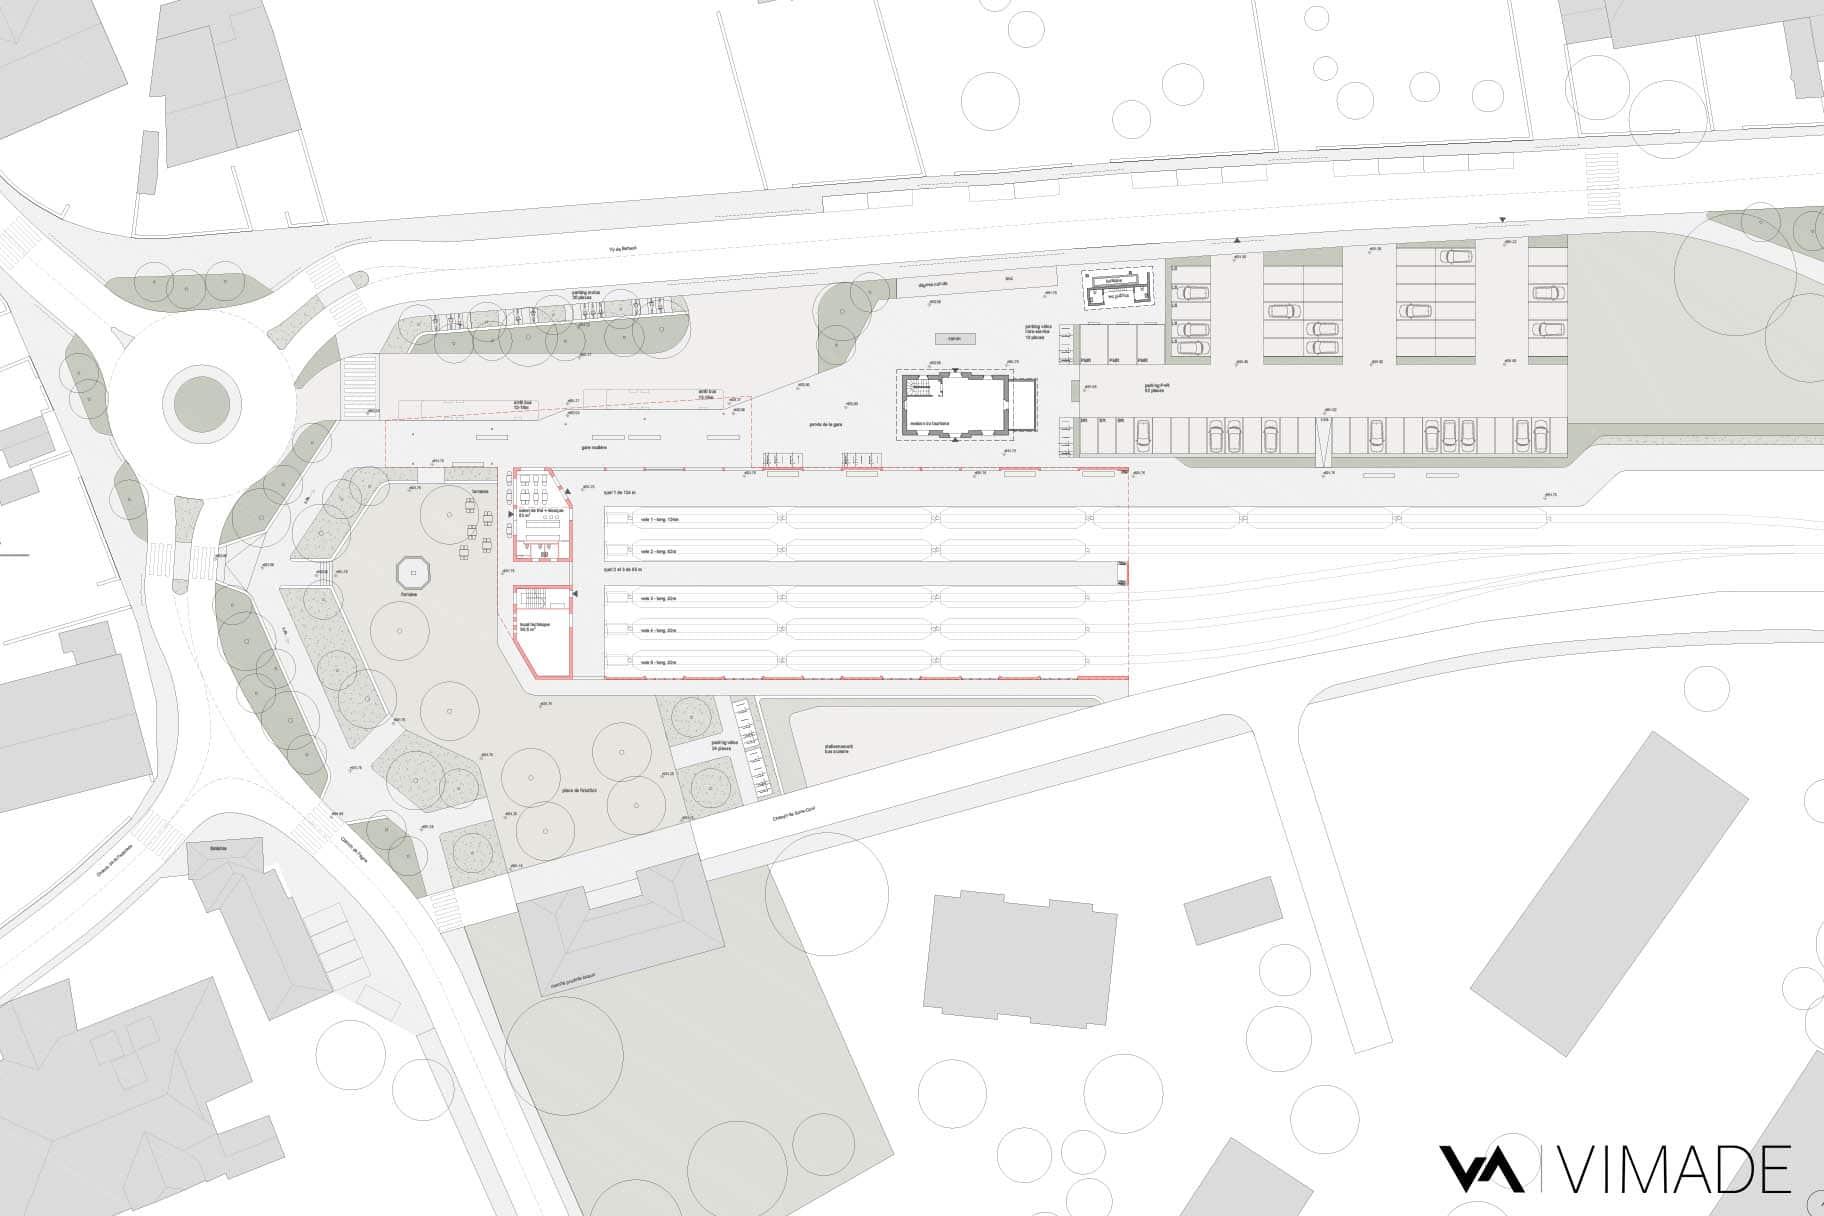 Plan d'aménagement pour la gare de Bière dans le cadre d'un MEP avec le bureau d'architectes Strata et VIMADE Architectes paysagistes